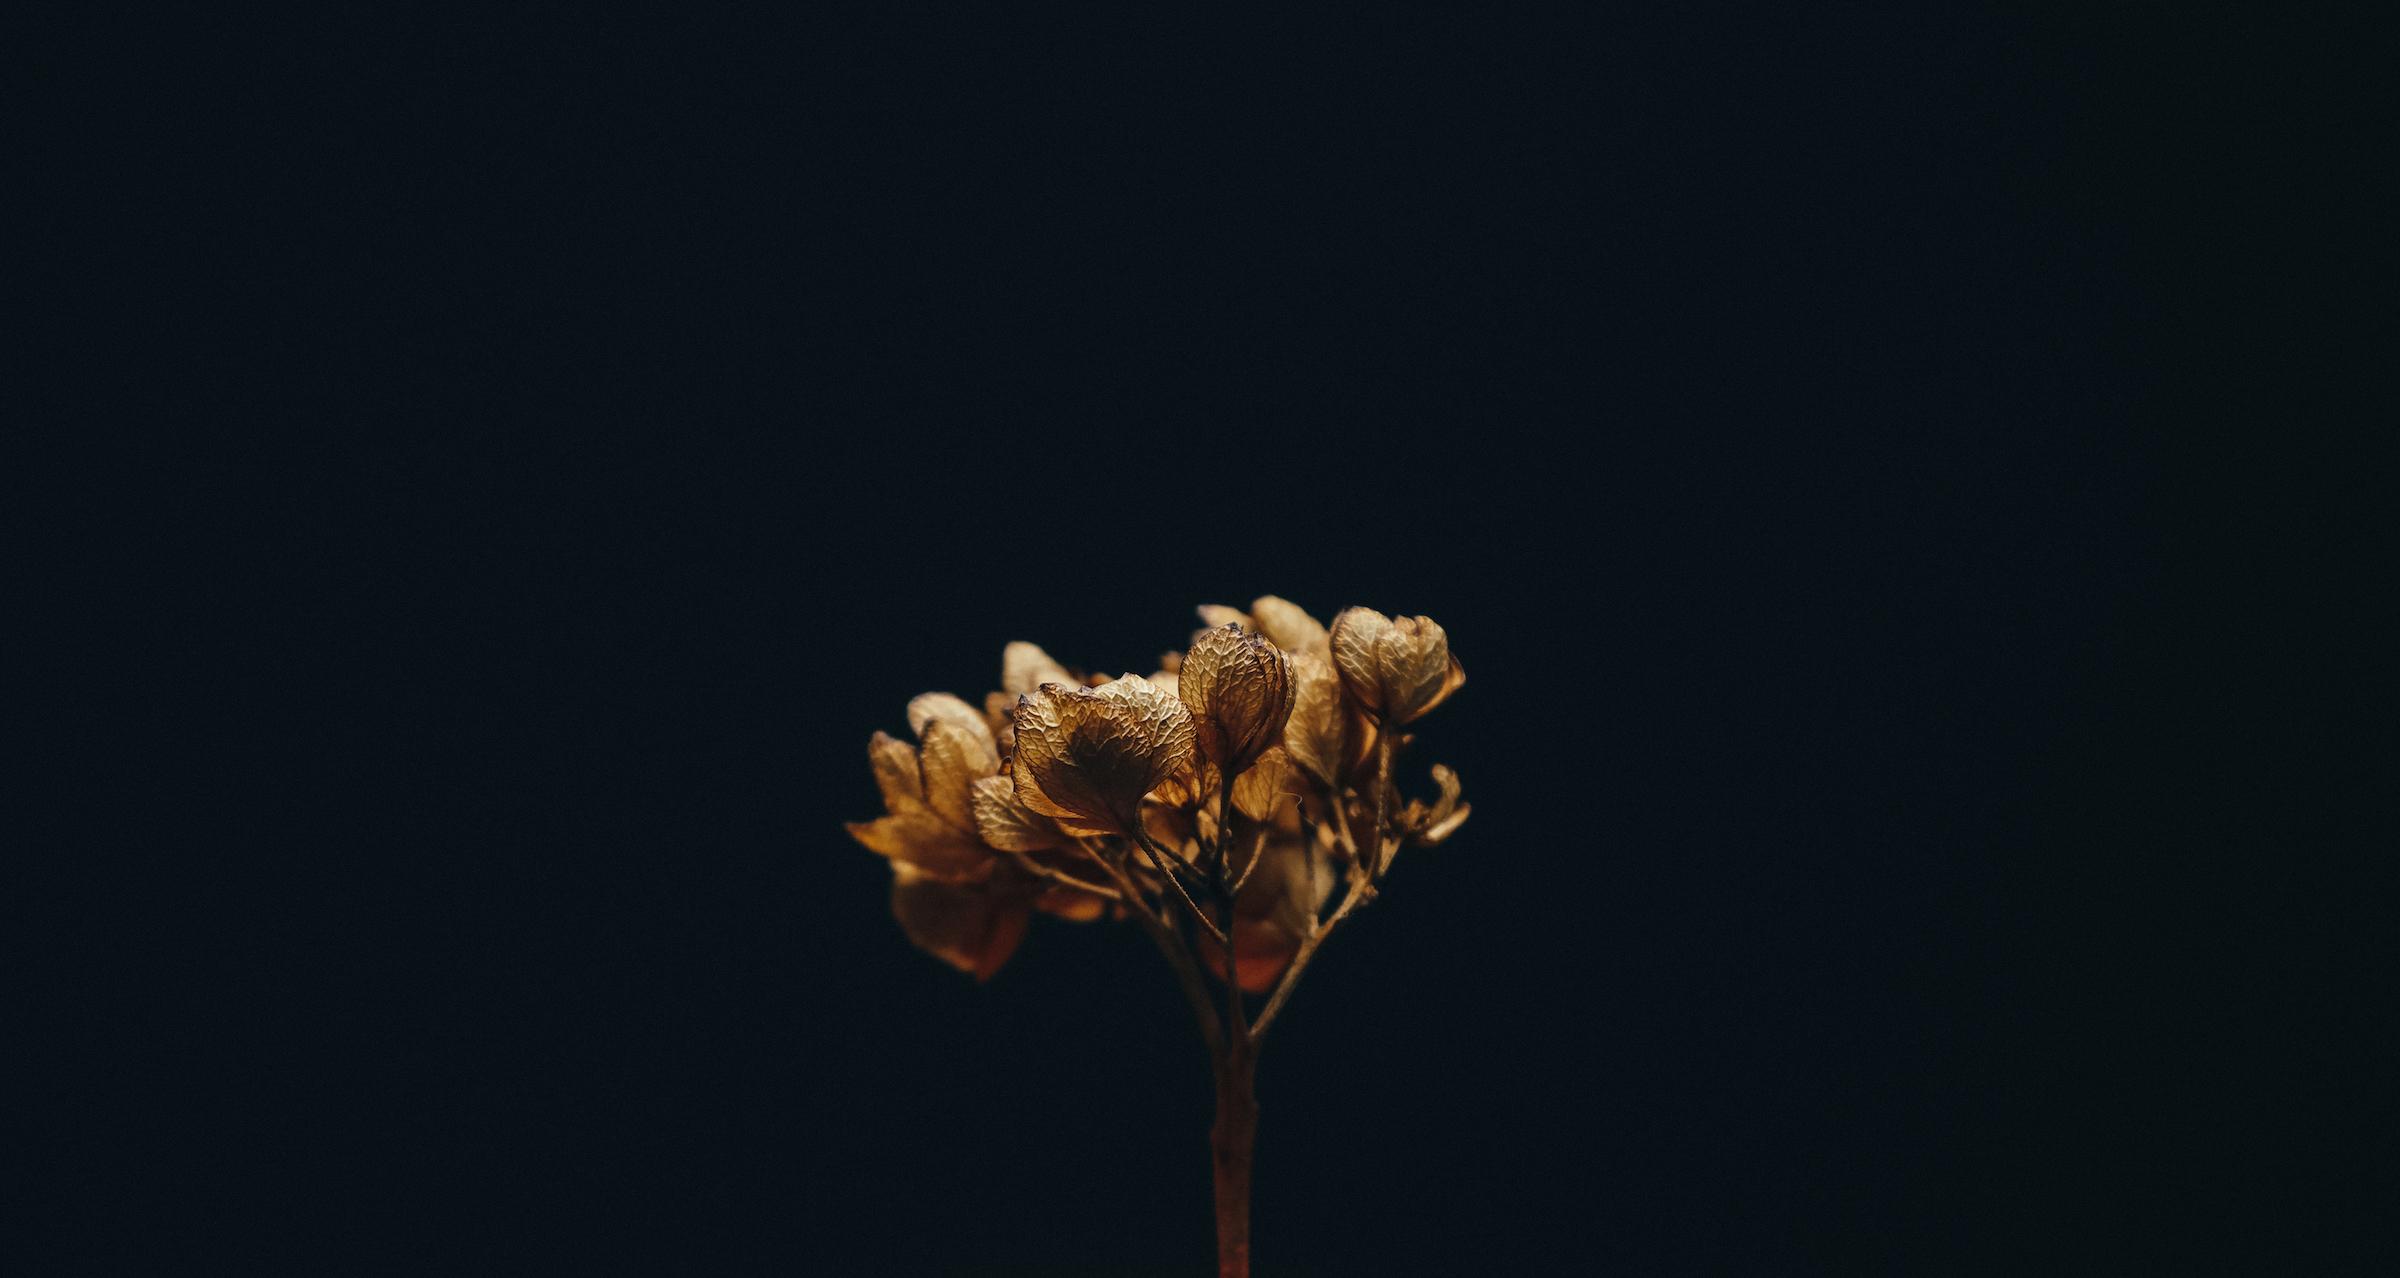 Courtesy of Yanina May Photography.